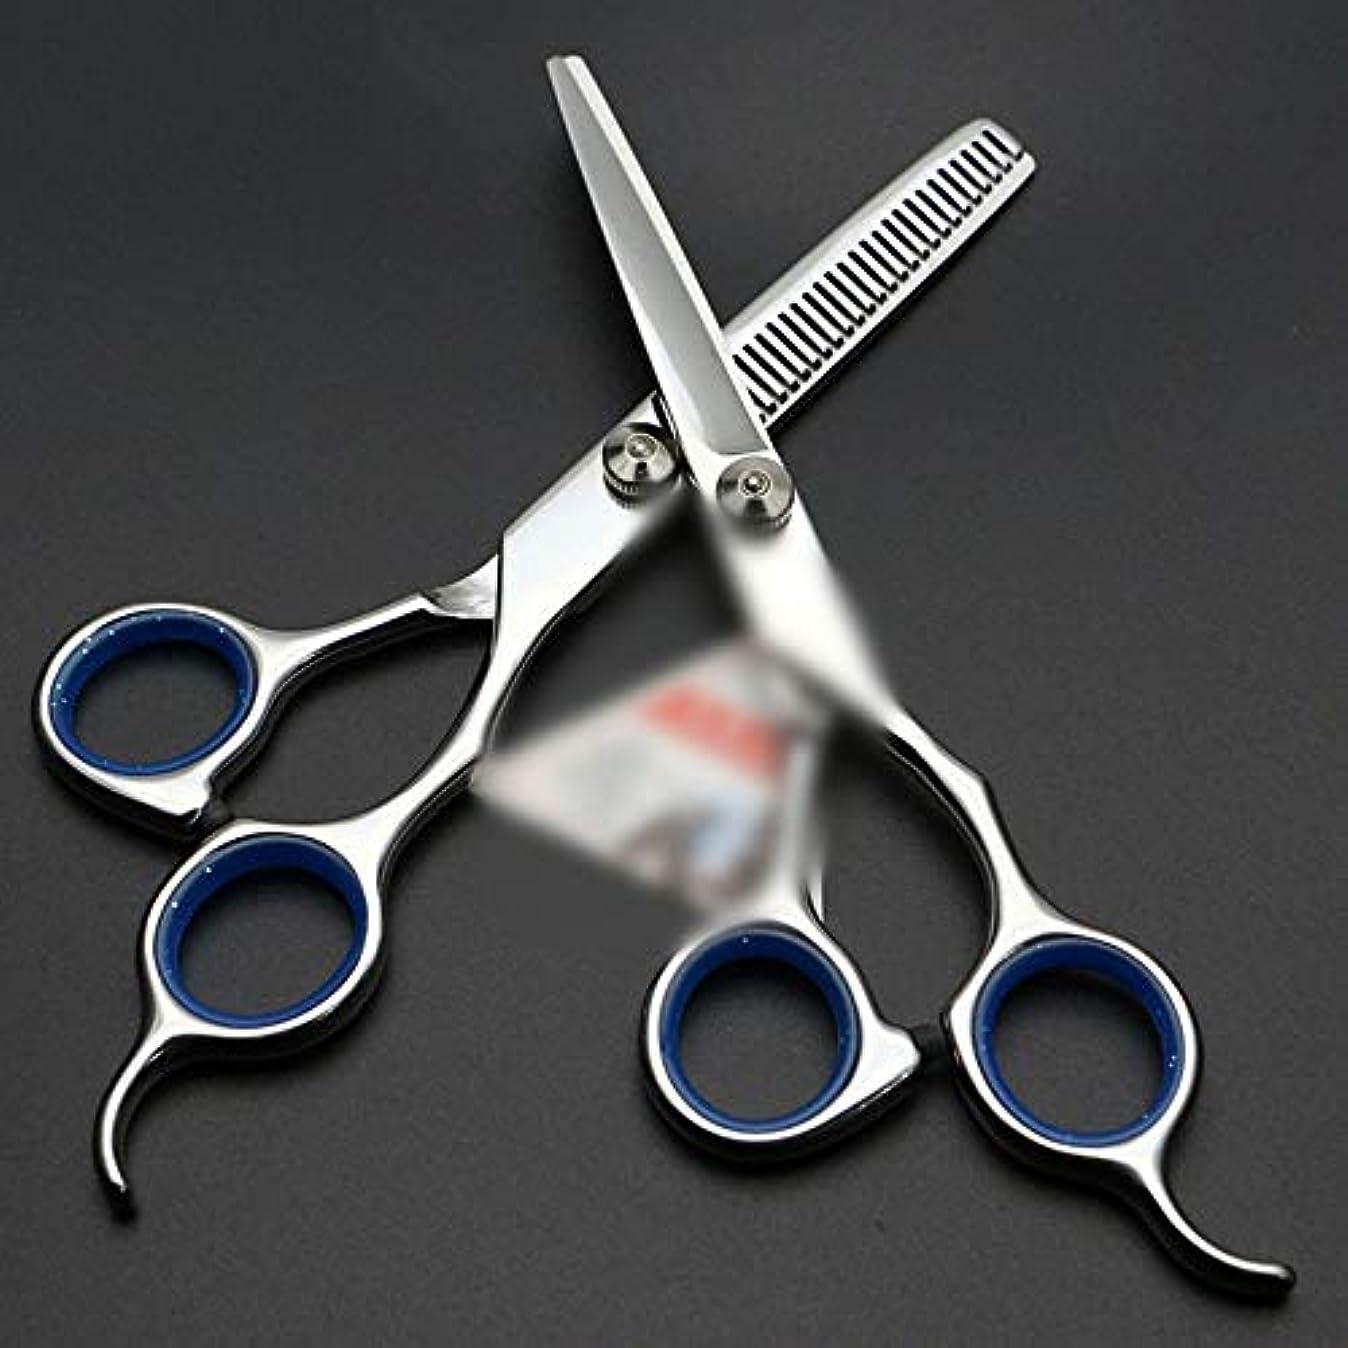 爆発物テクトニックベスト6インチ美容院プロフェッショナル理髪はさみセット ヘアケア (色 : 青)